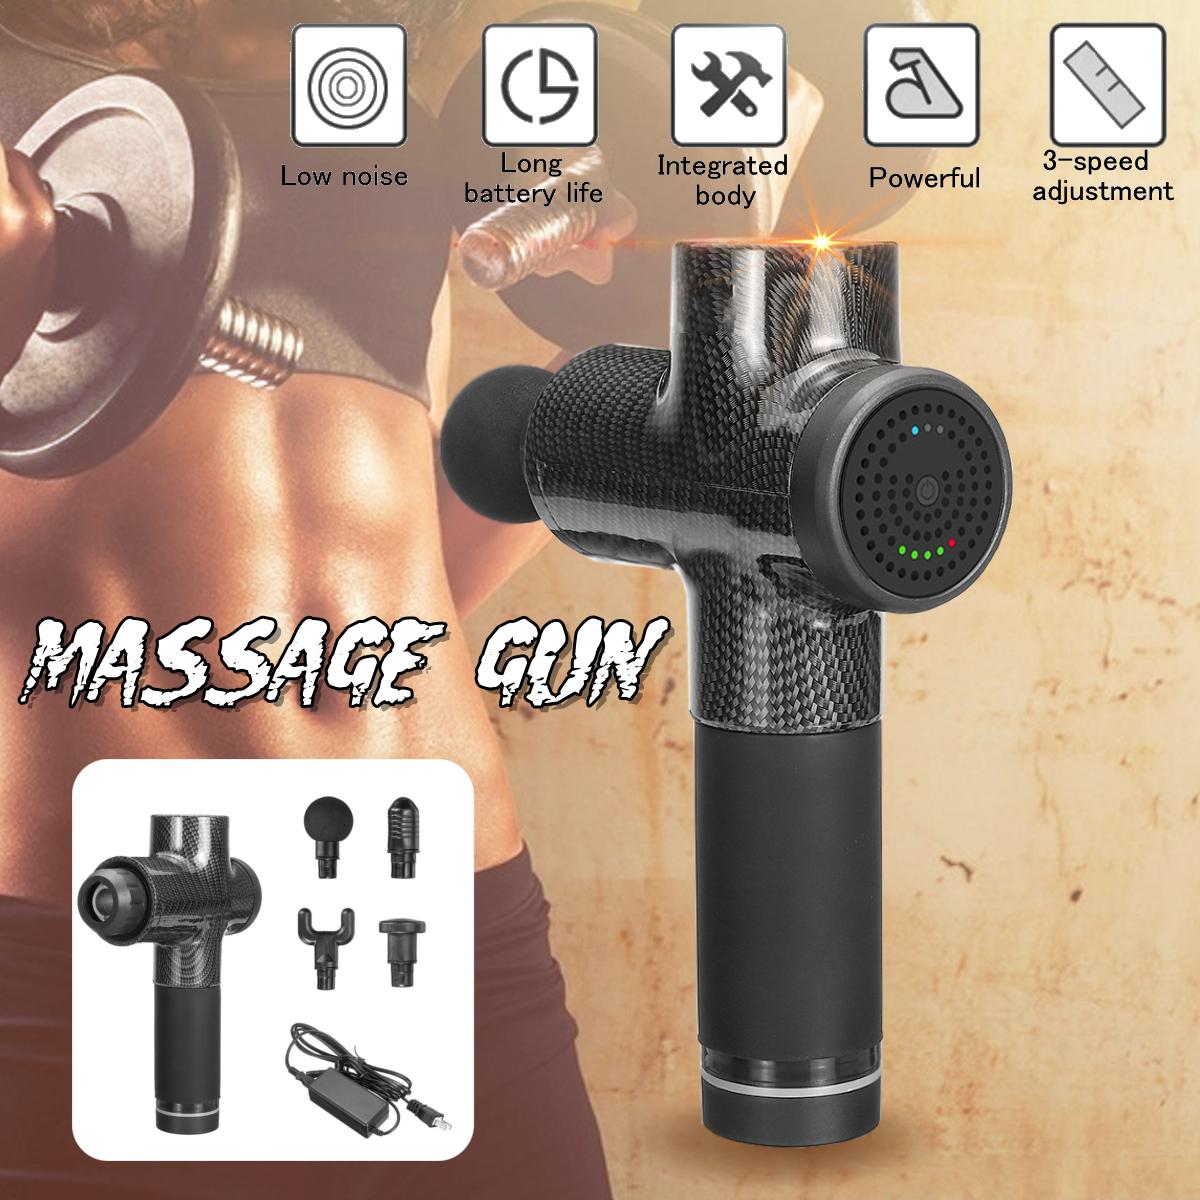 1500 мАч мышечной релаксации 3 скорости электрический массажер ударный массаж глубокий массажер ткани беспроводное устро - фото 3